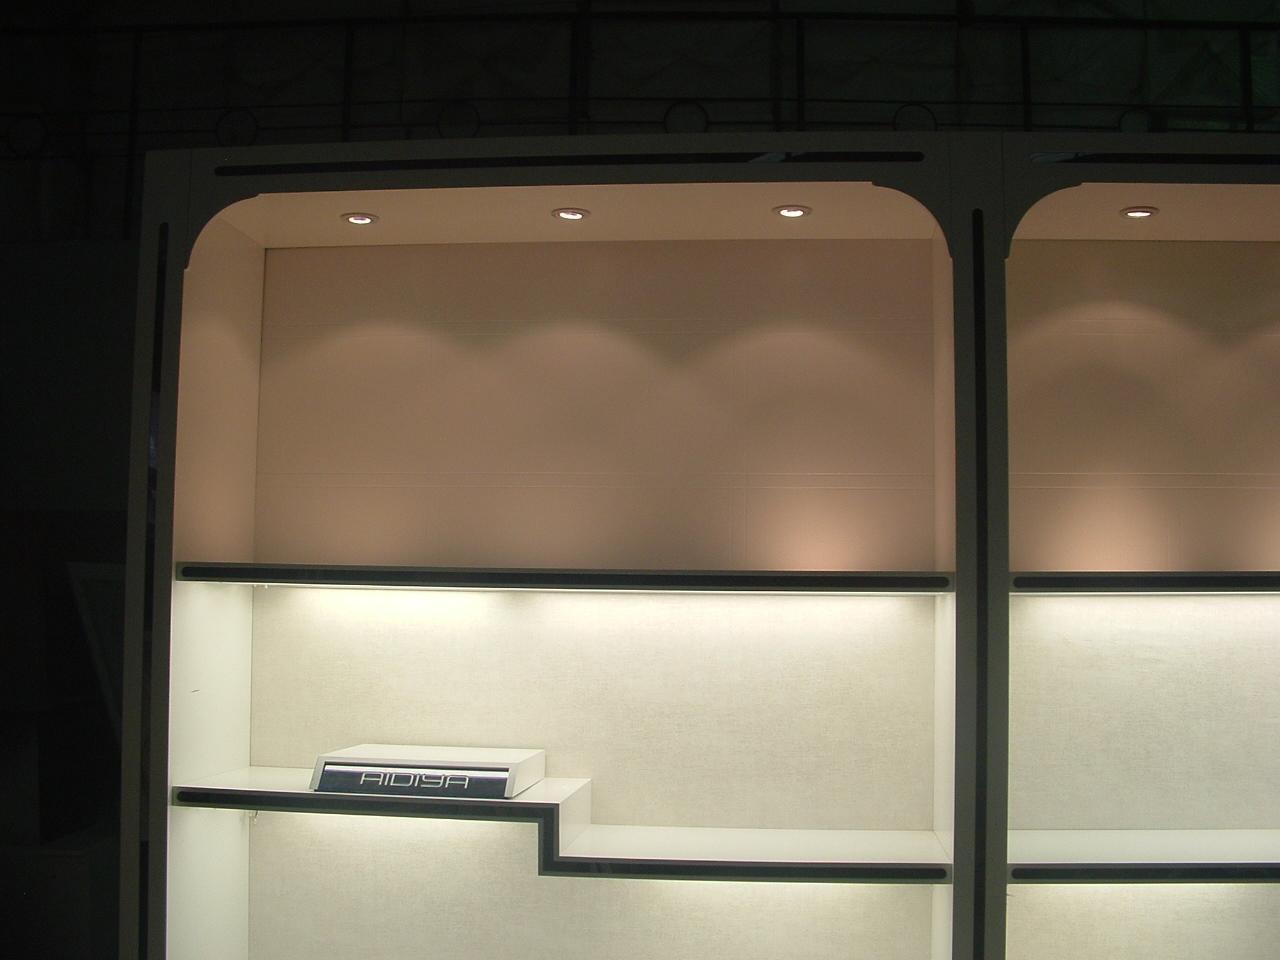 置物架高架商品置物架 3